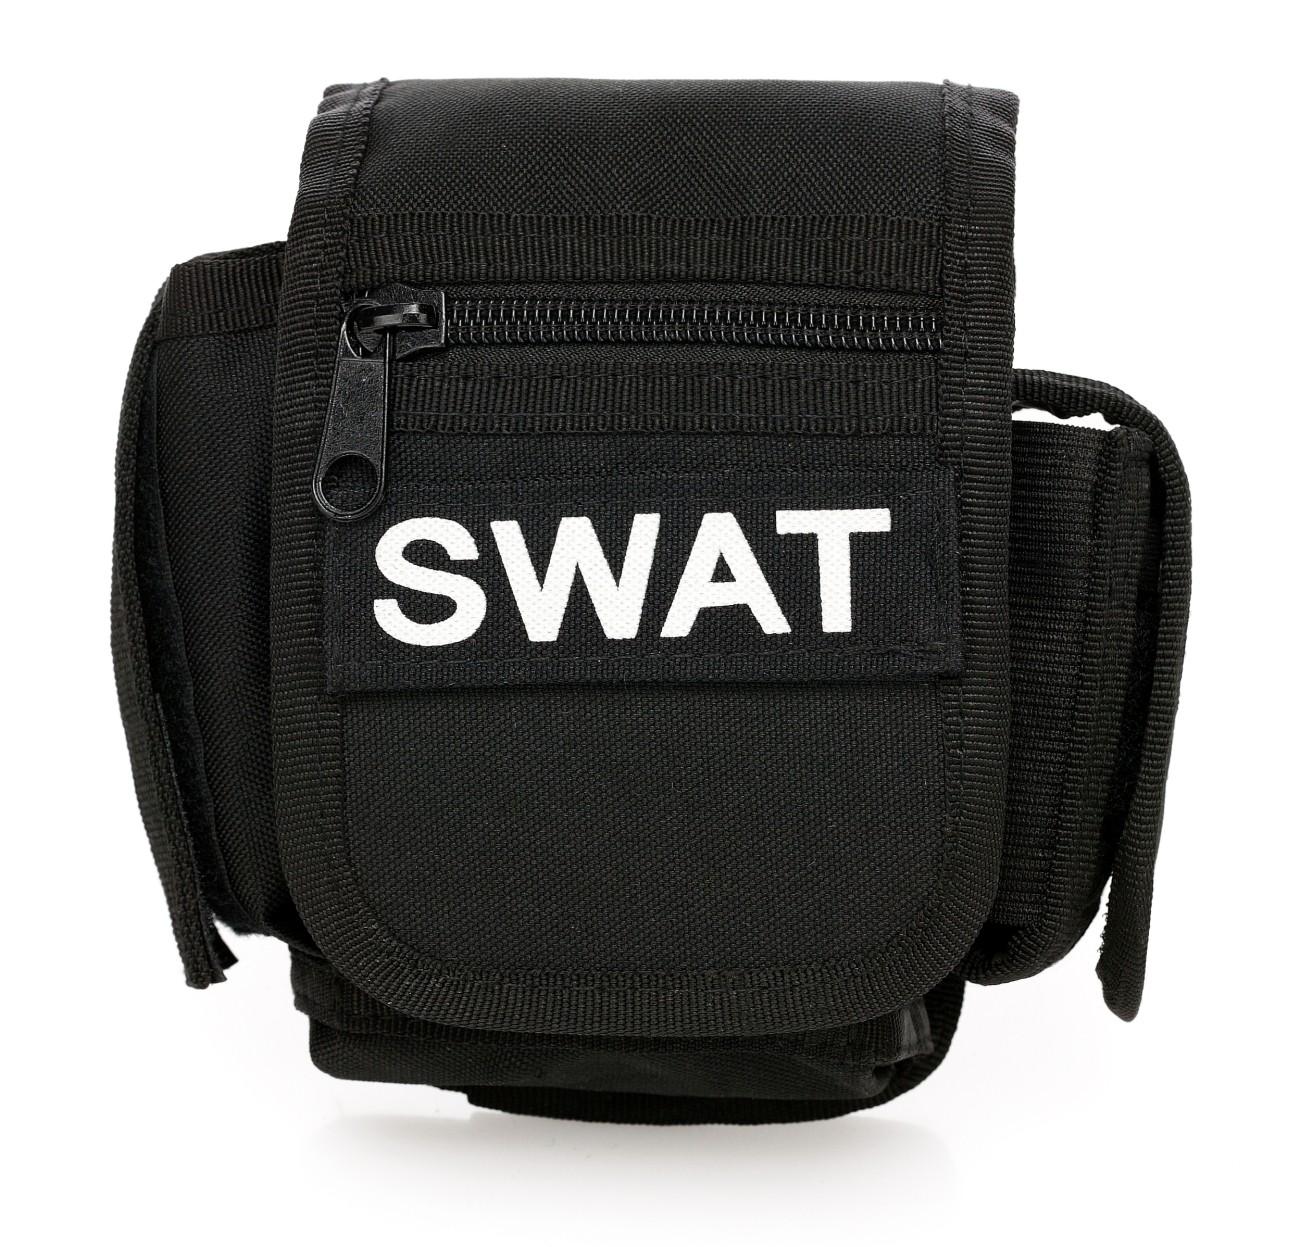 Тактический подсумок на ремень SWAT по лучшей цене